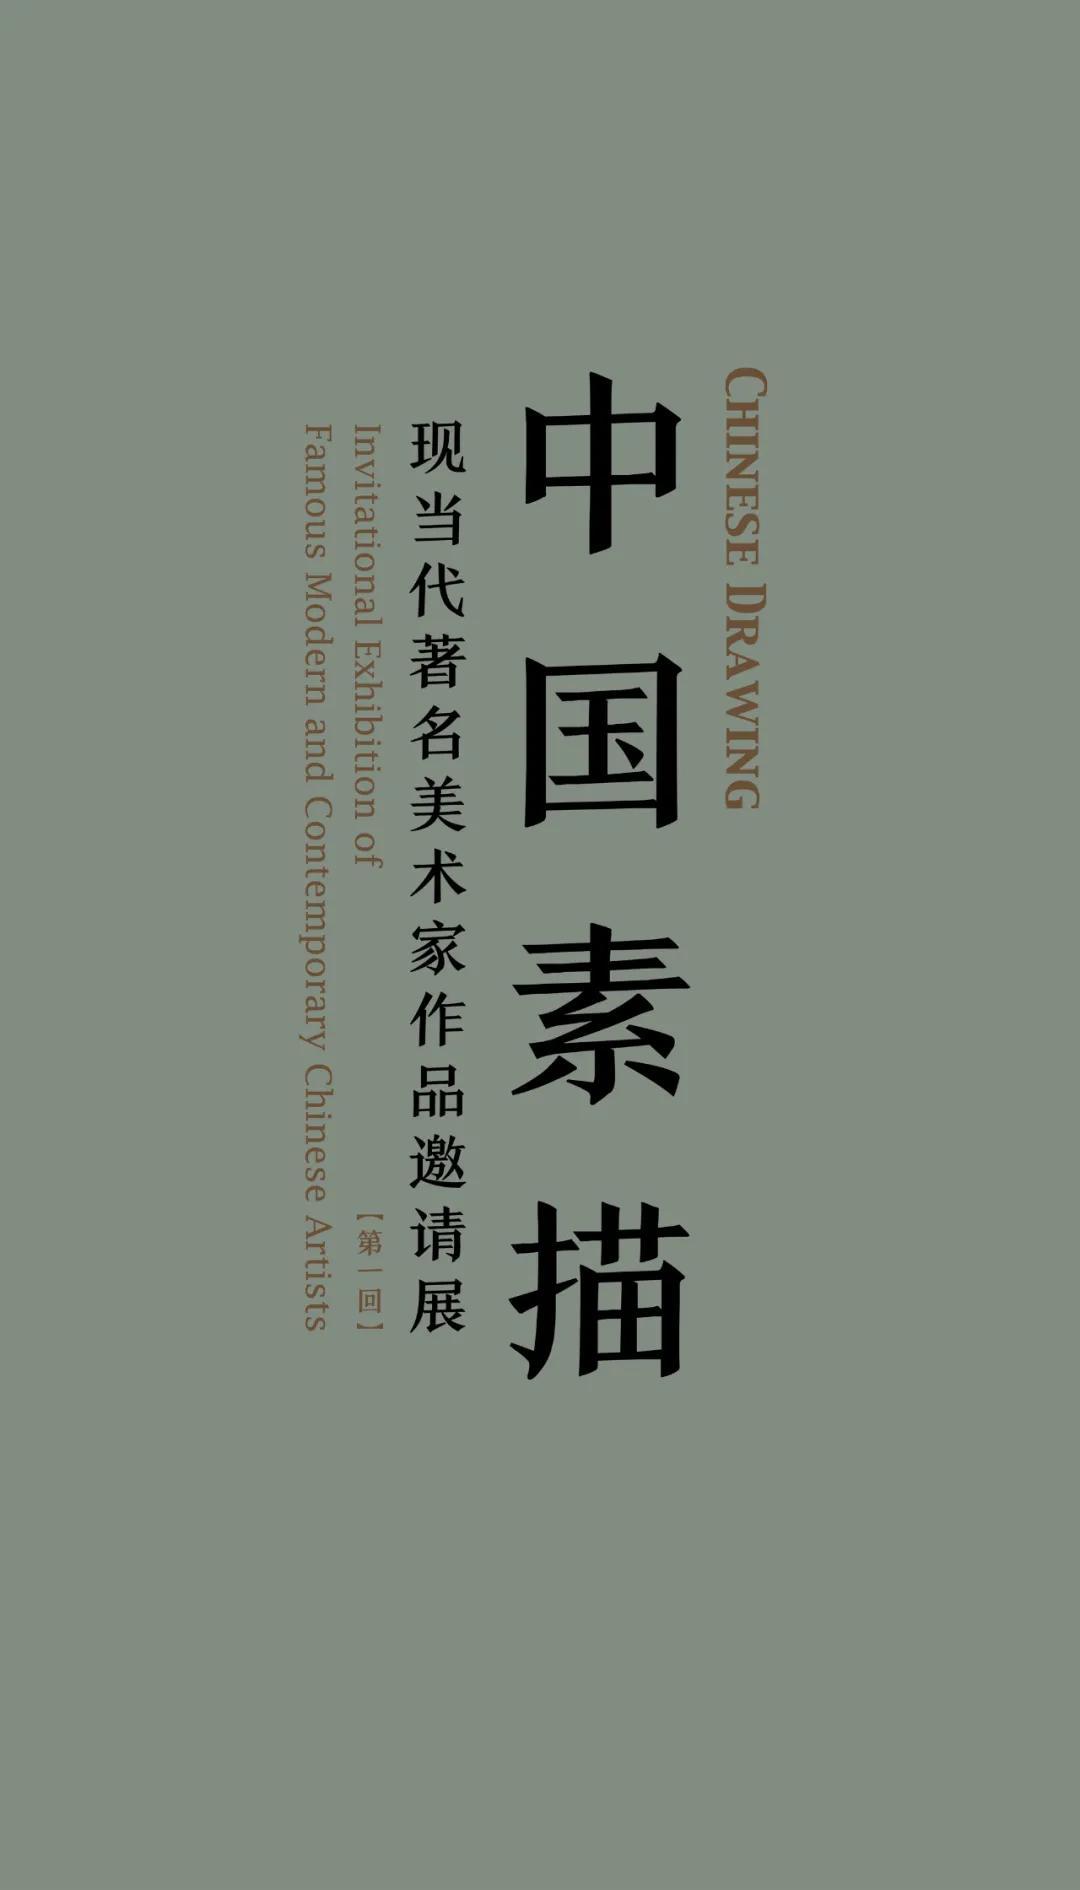 展览海报之一(设计 | 郭青)